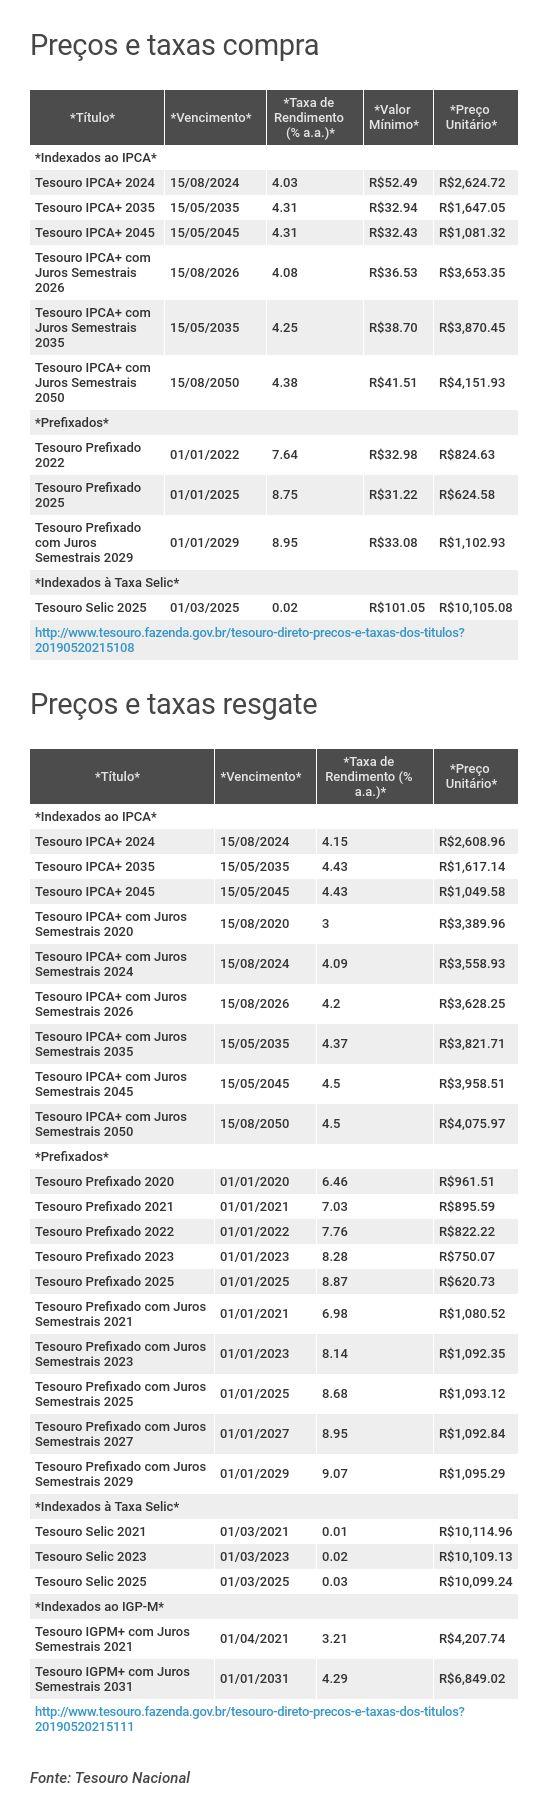 Preços e taxas do Tesouro Direto em 20 de maio de 2019 - fechamento